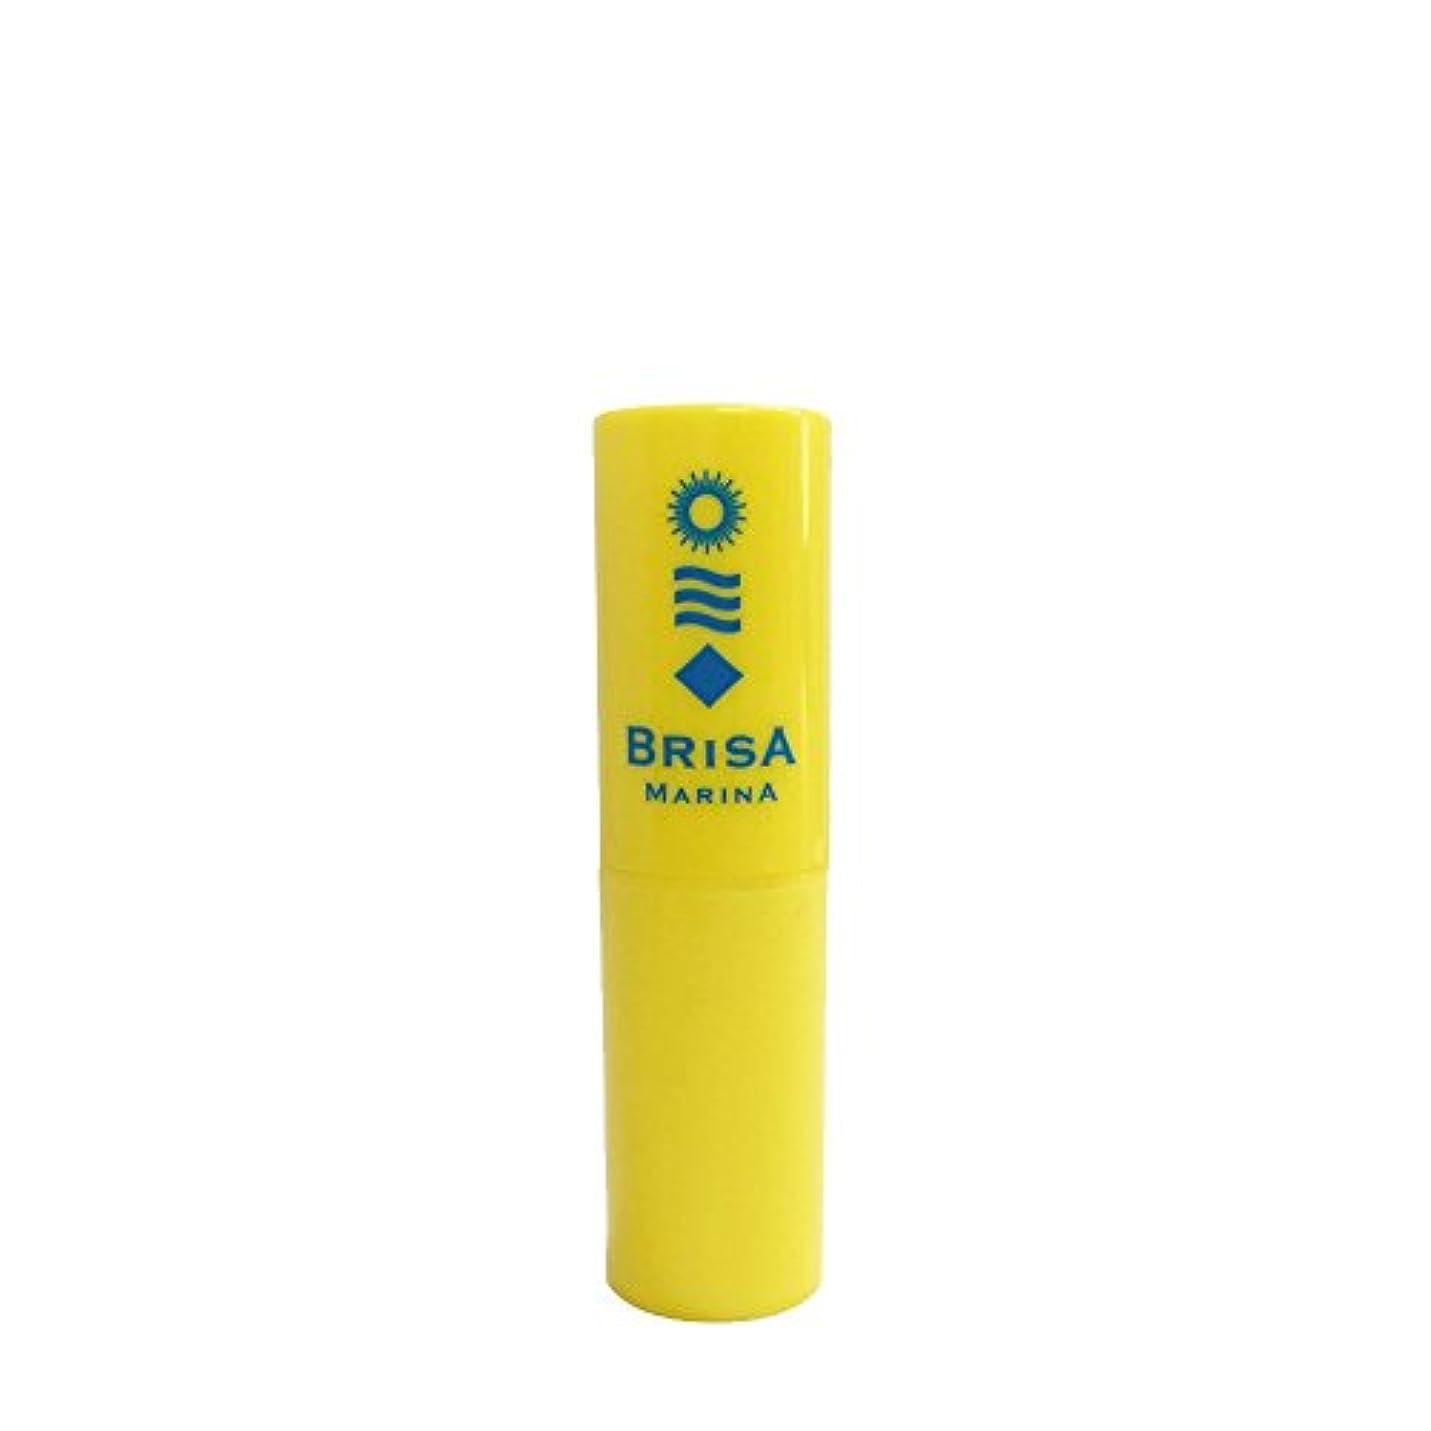 取り出す膜手つかずのBRISA MARINA(ブリサ マリーナ) 日焼け止めUVリップ(クリア) 3g[SPF32 PA+++] Z-0CBM0016200 バリエーション不要